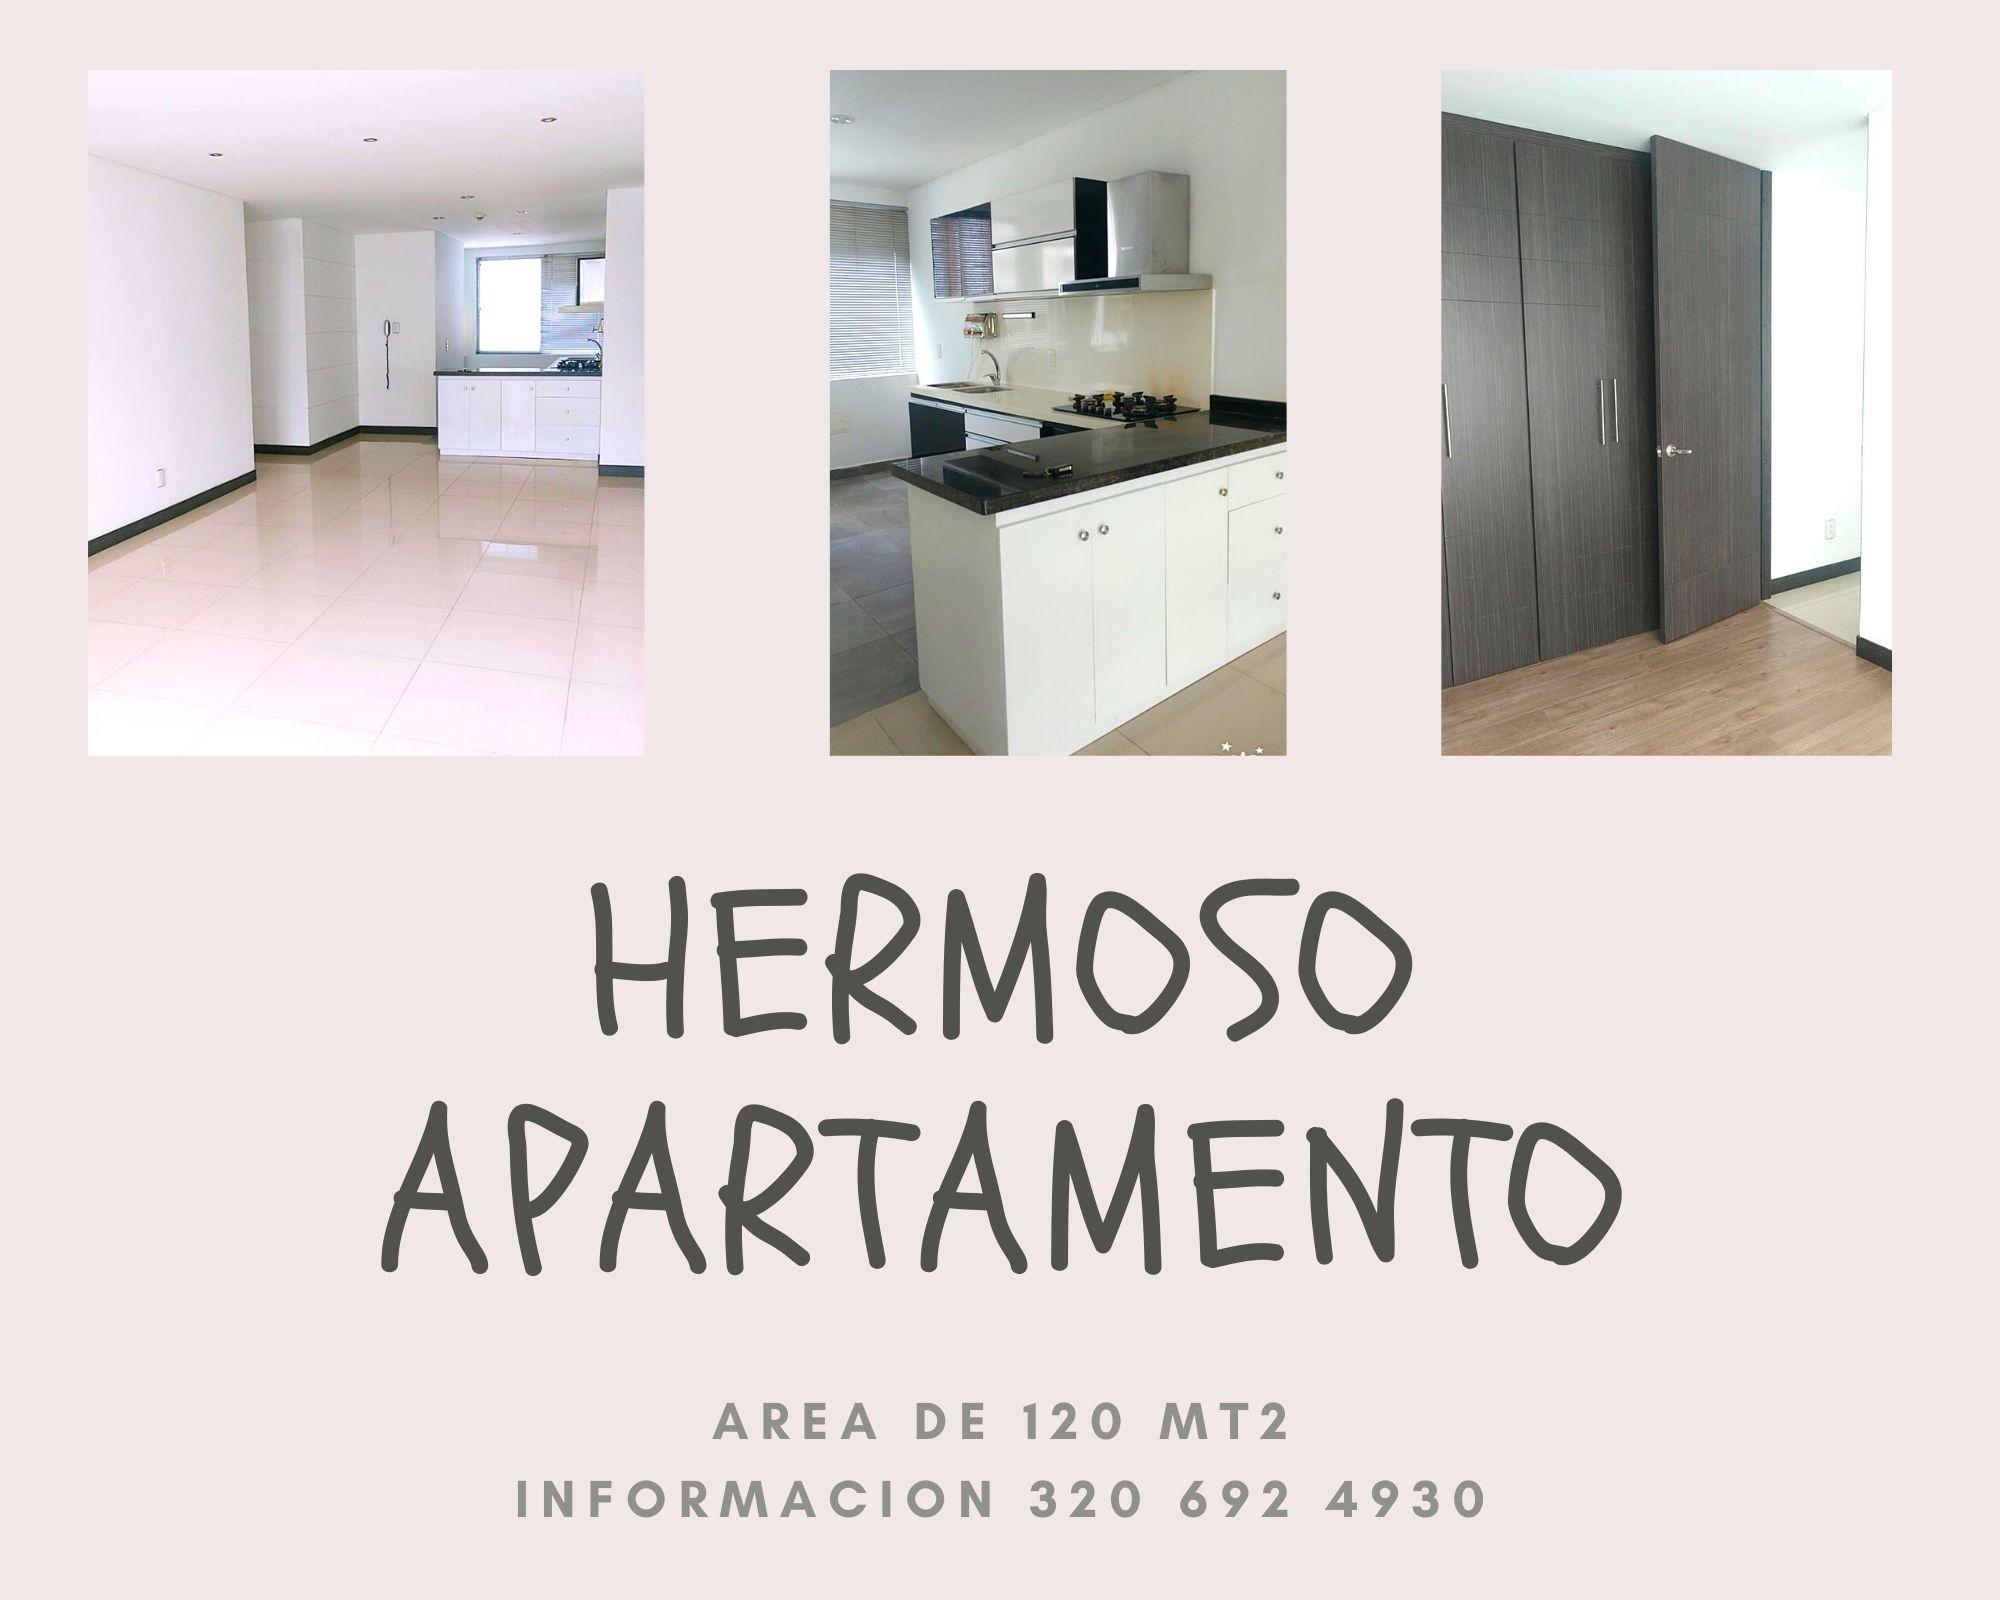 Apartamento en Armenia 92487